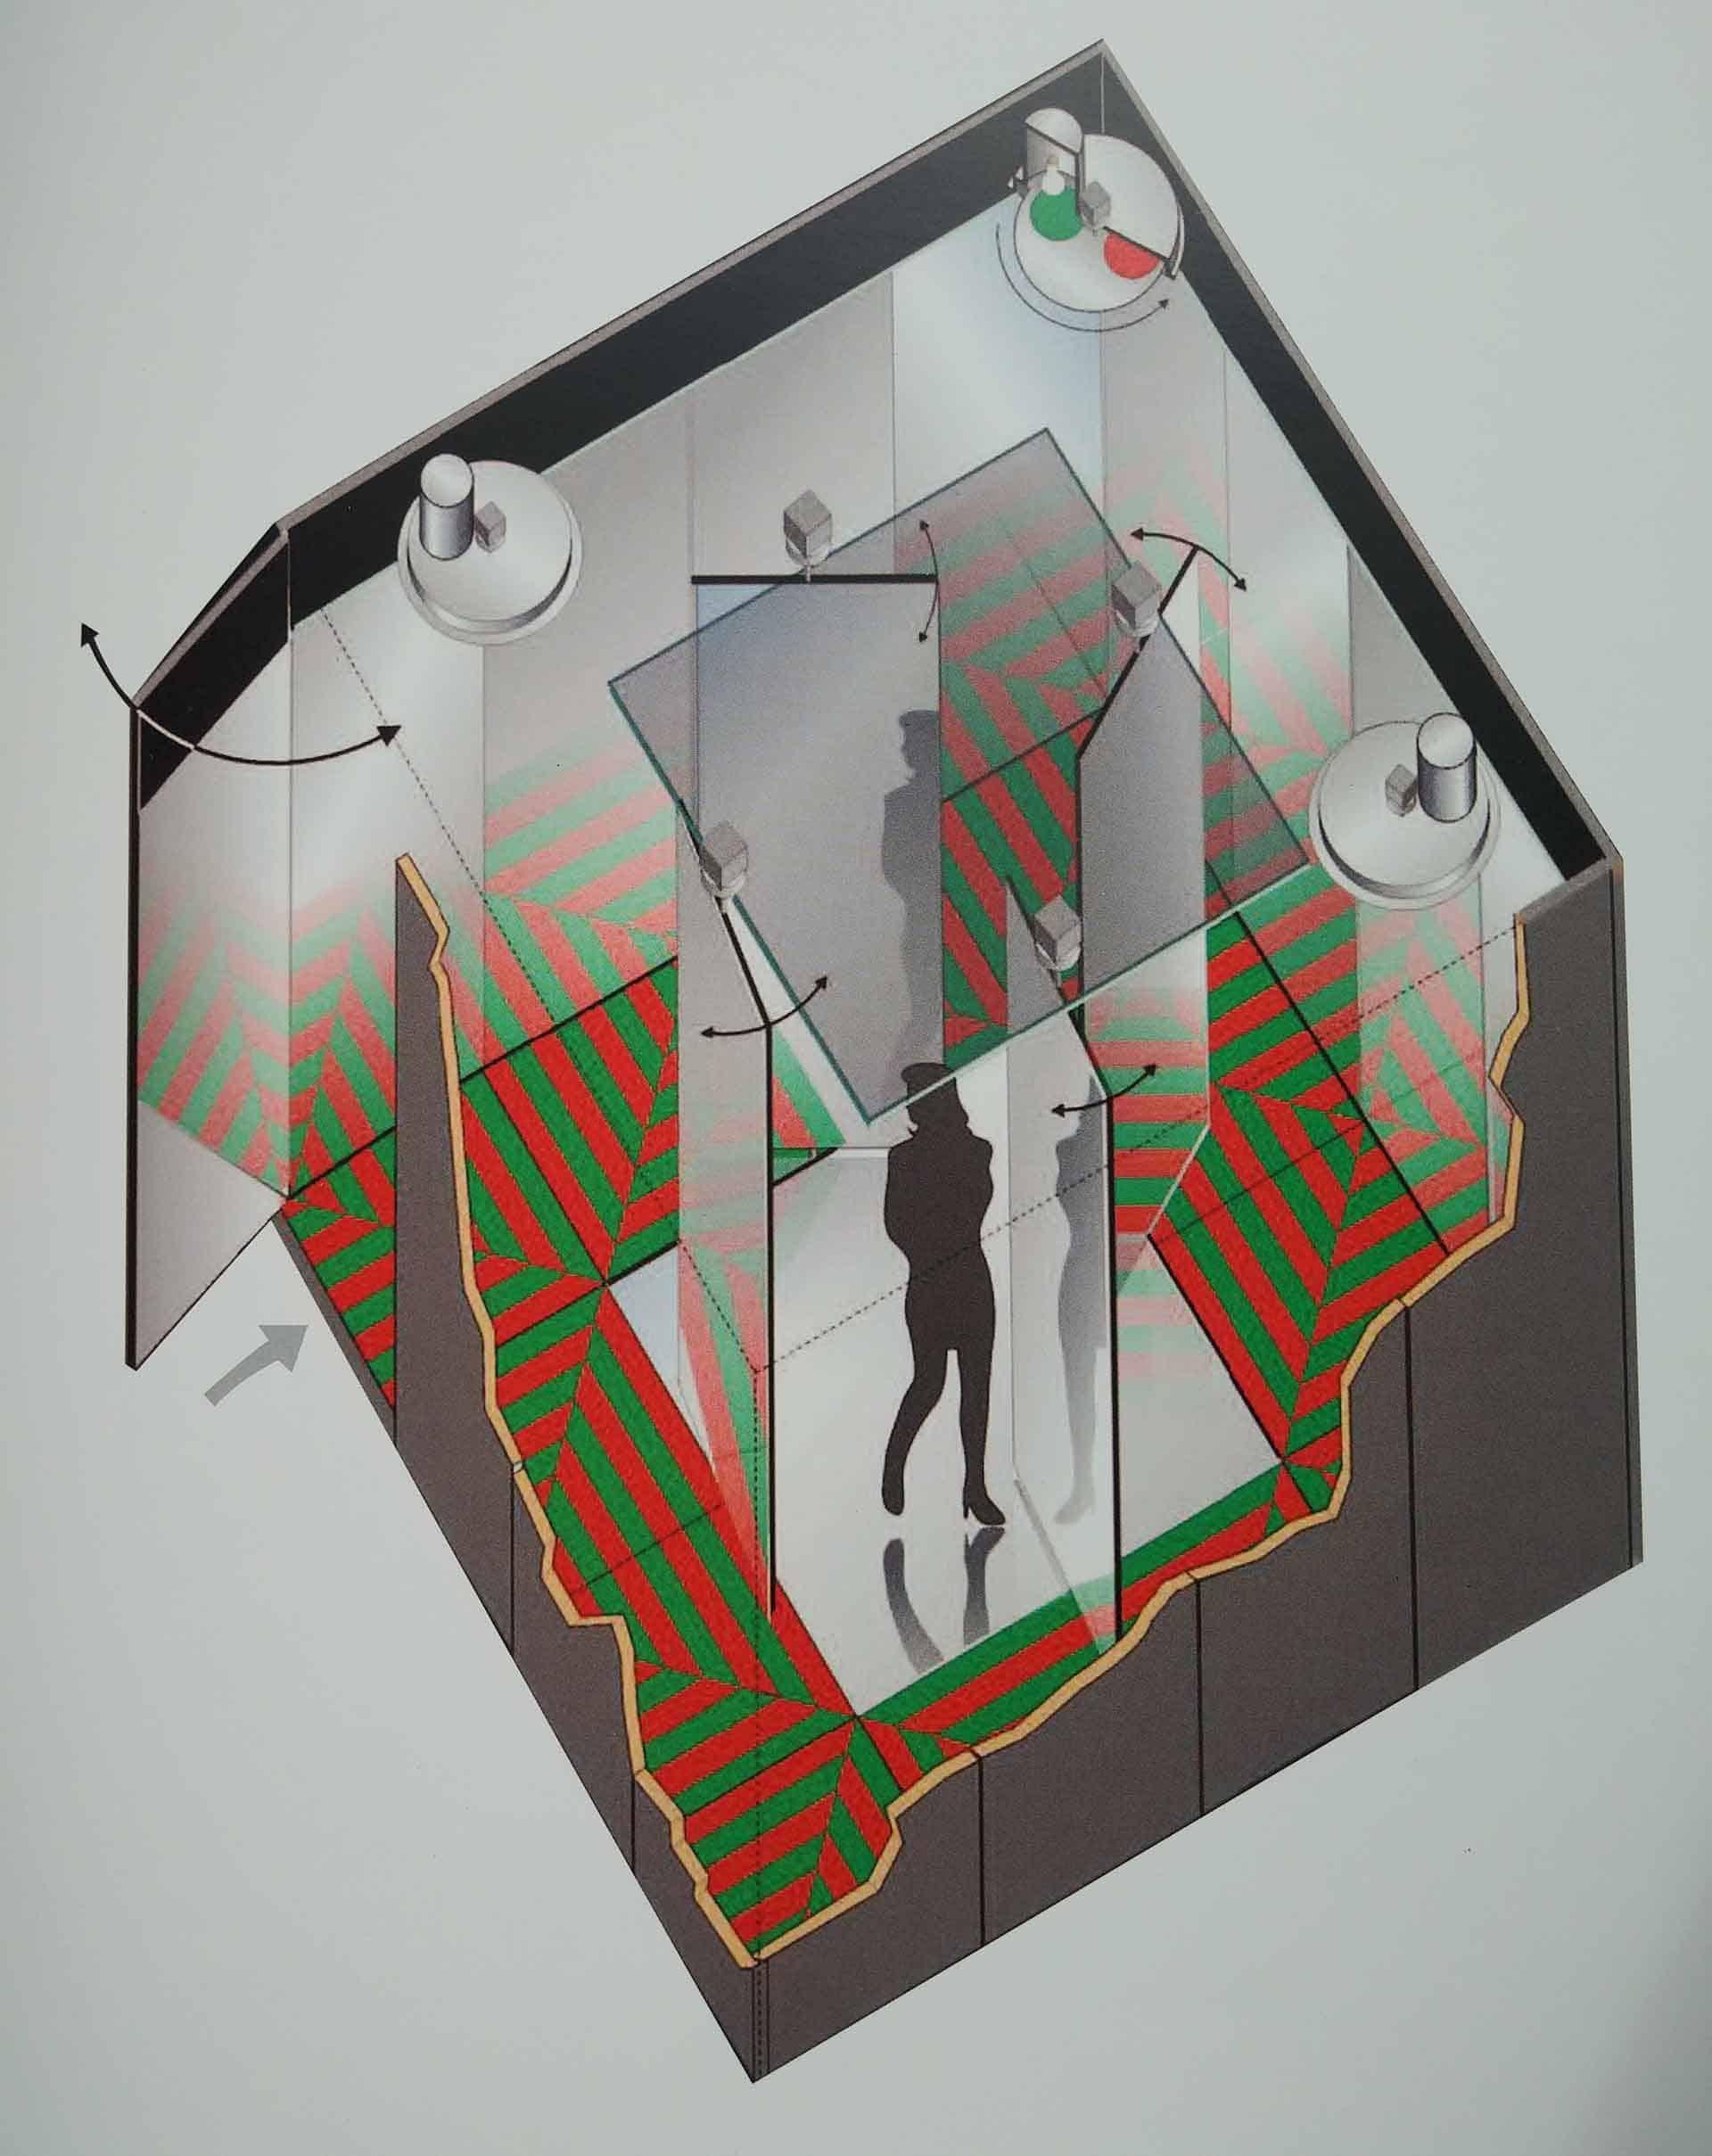 Davide Boriani, «Ambiente stroboscopico 3», Galleria del Naviglio, Milano, 1968.